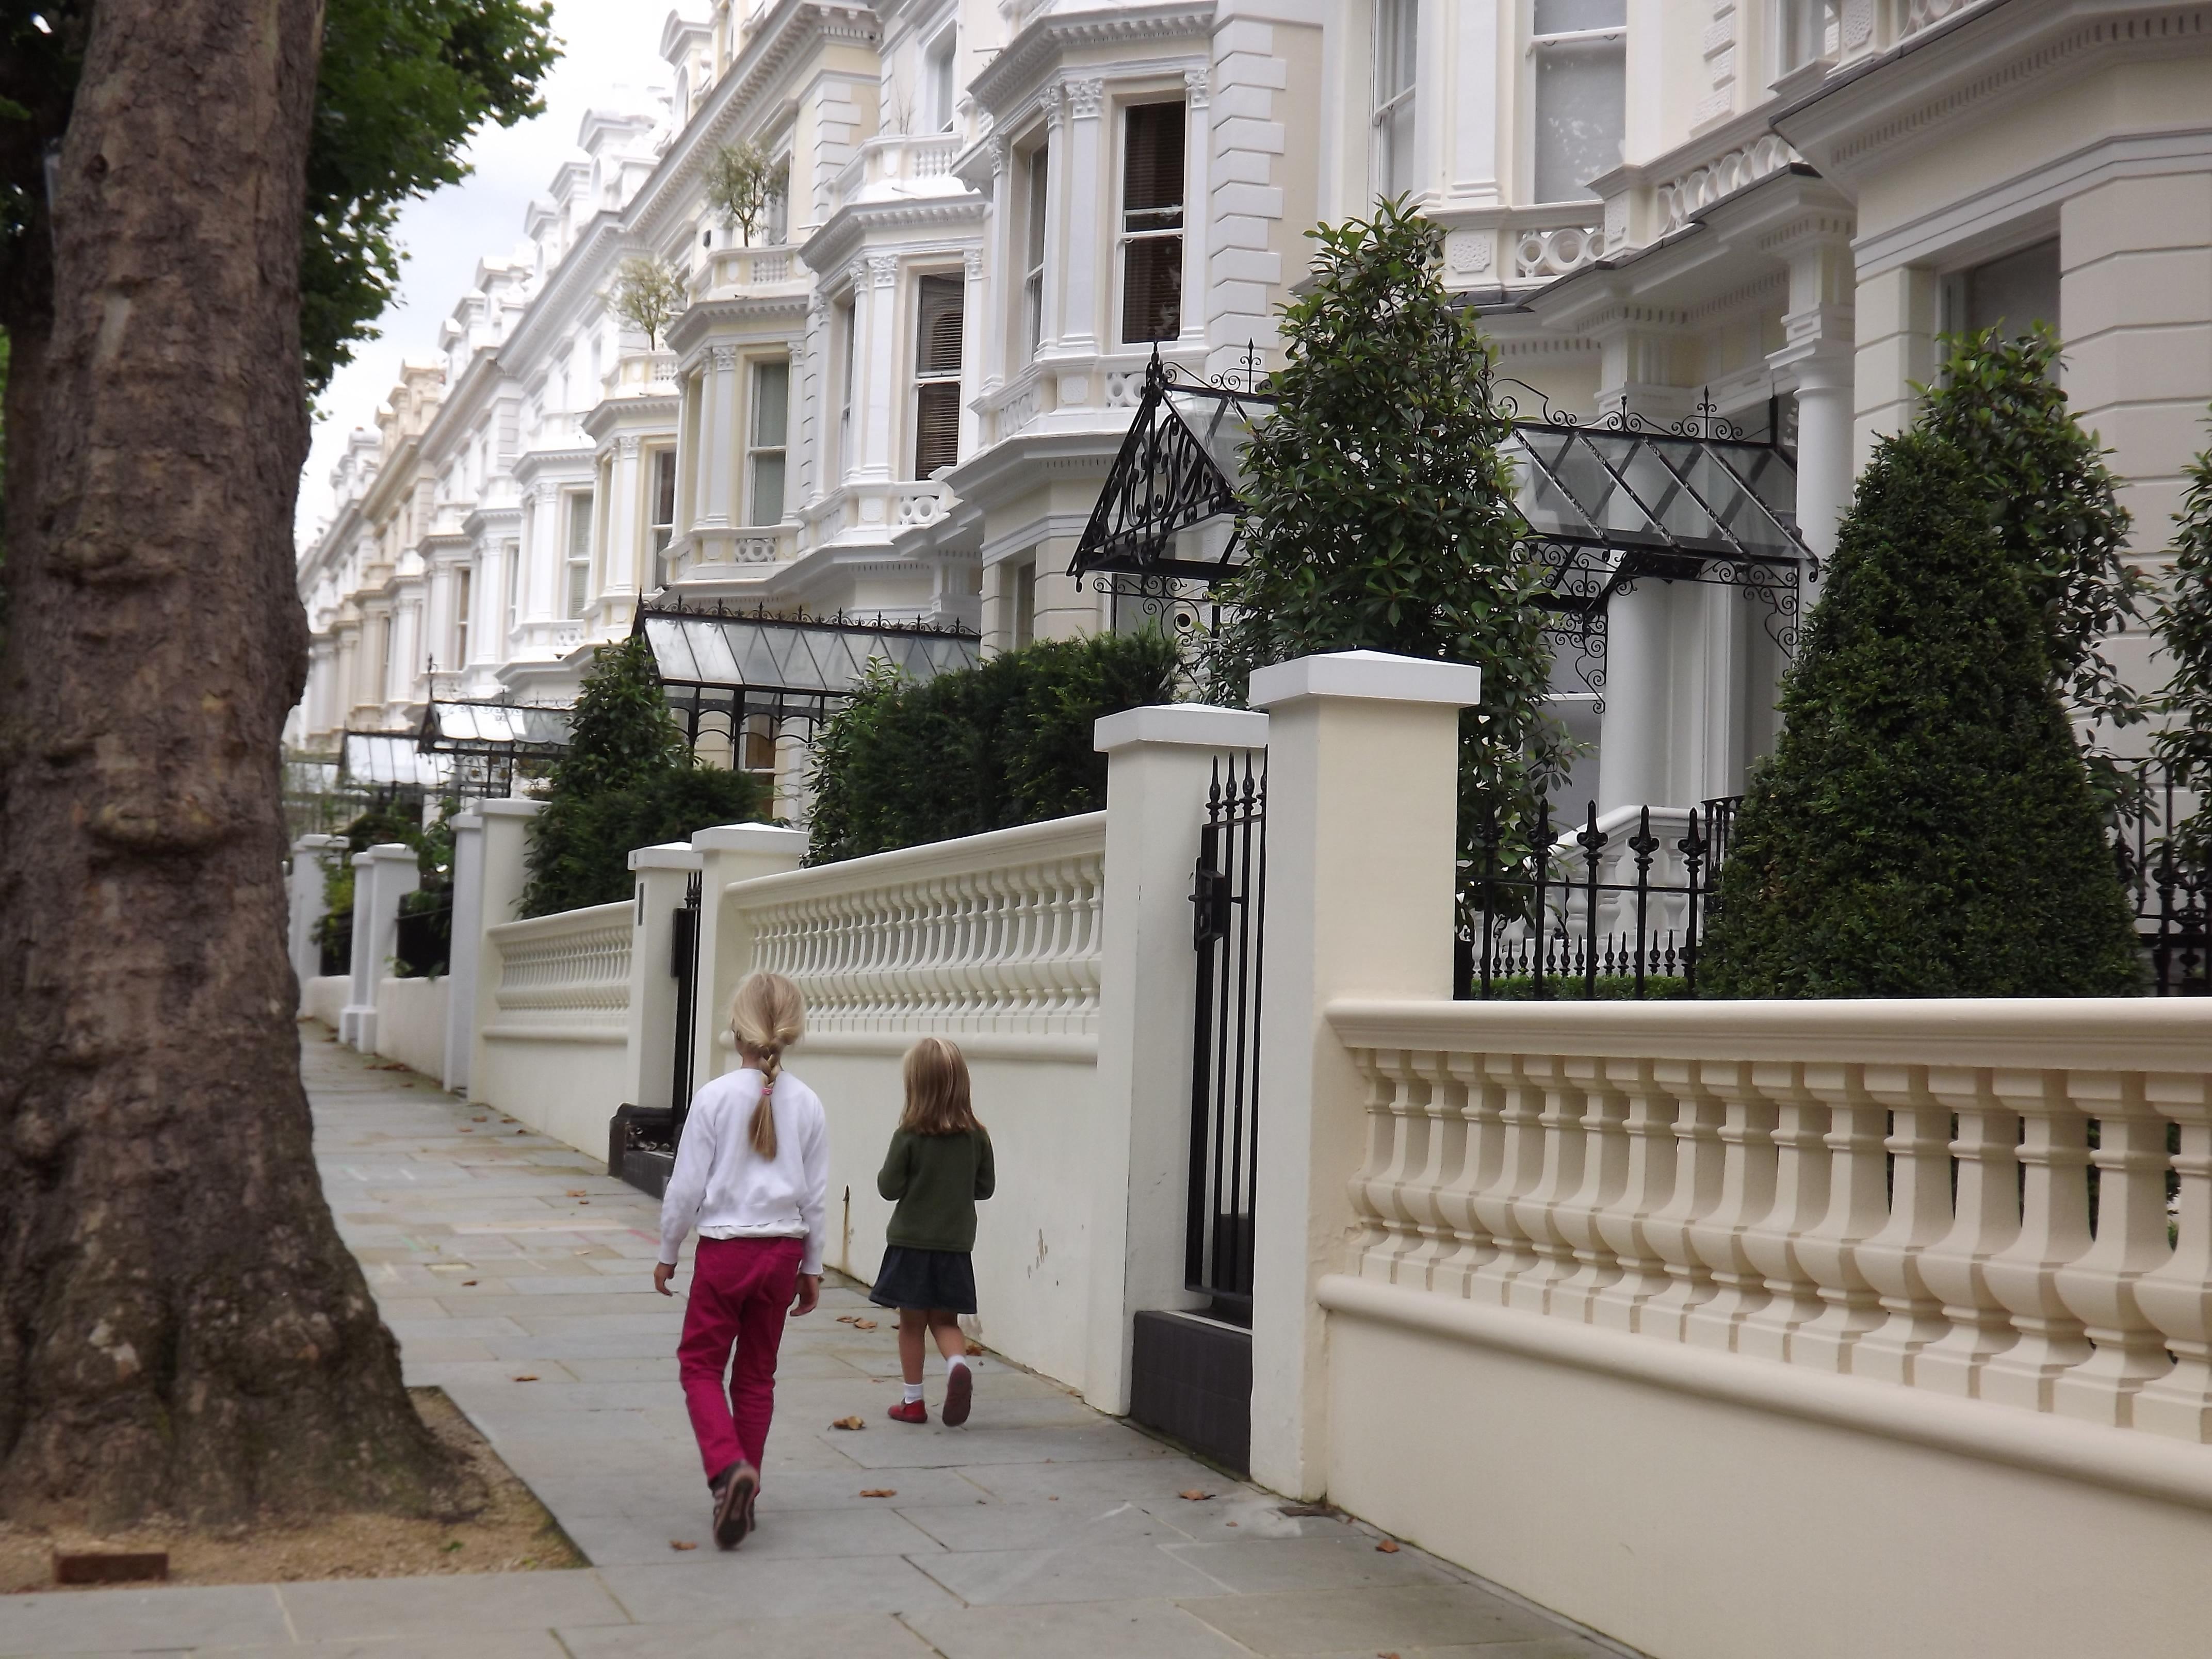 Maison belles demeures top aveyron achat vente proprits for Achat belle demeure